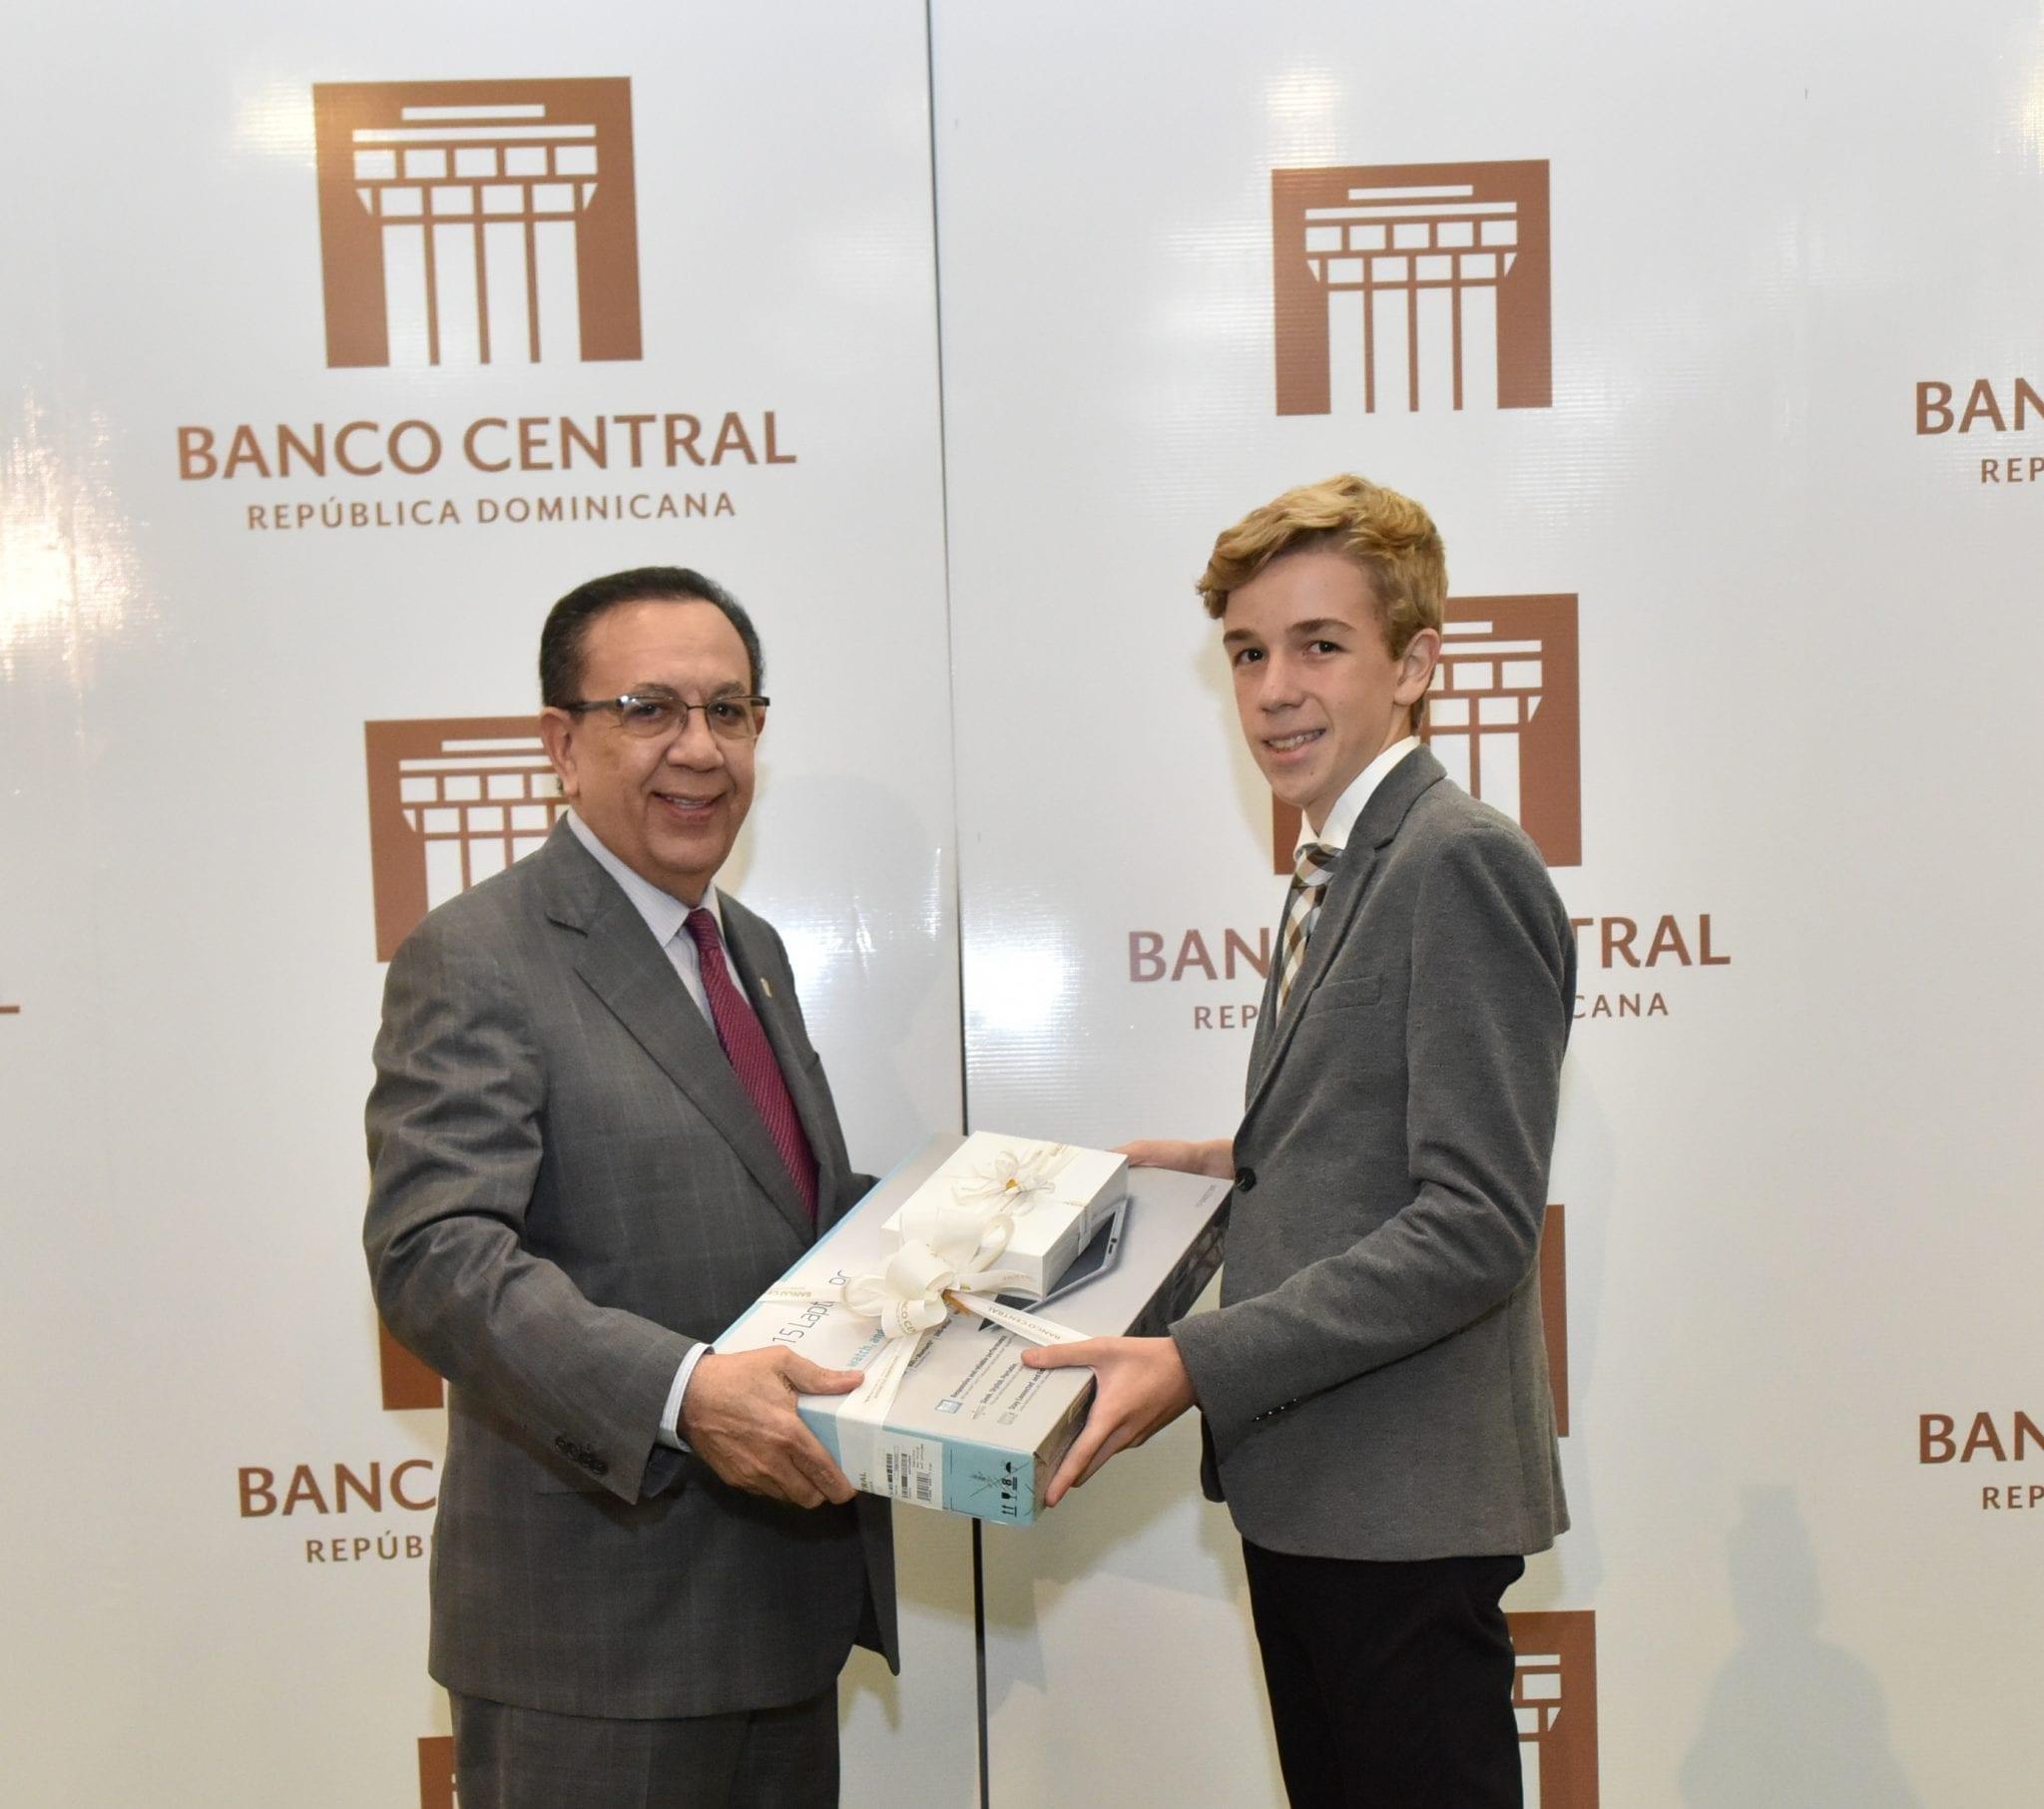 """Banco Central Rep. Dom. entrega los premios """"Máxima excelencia estudiantil 2019"""""""